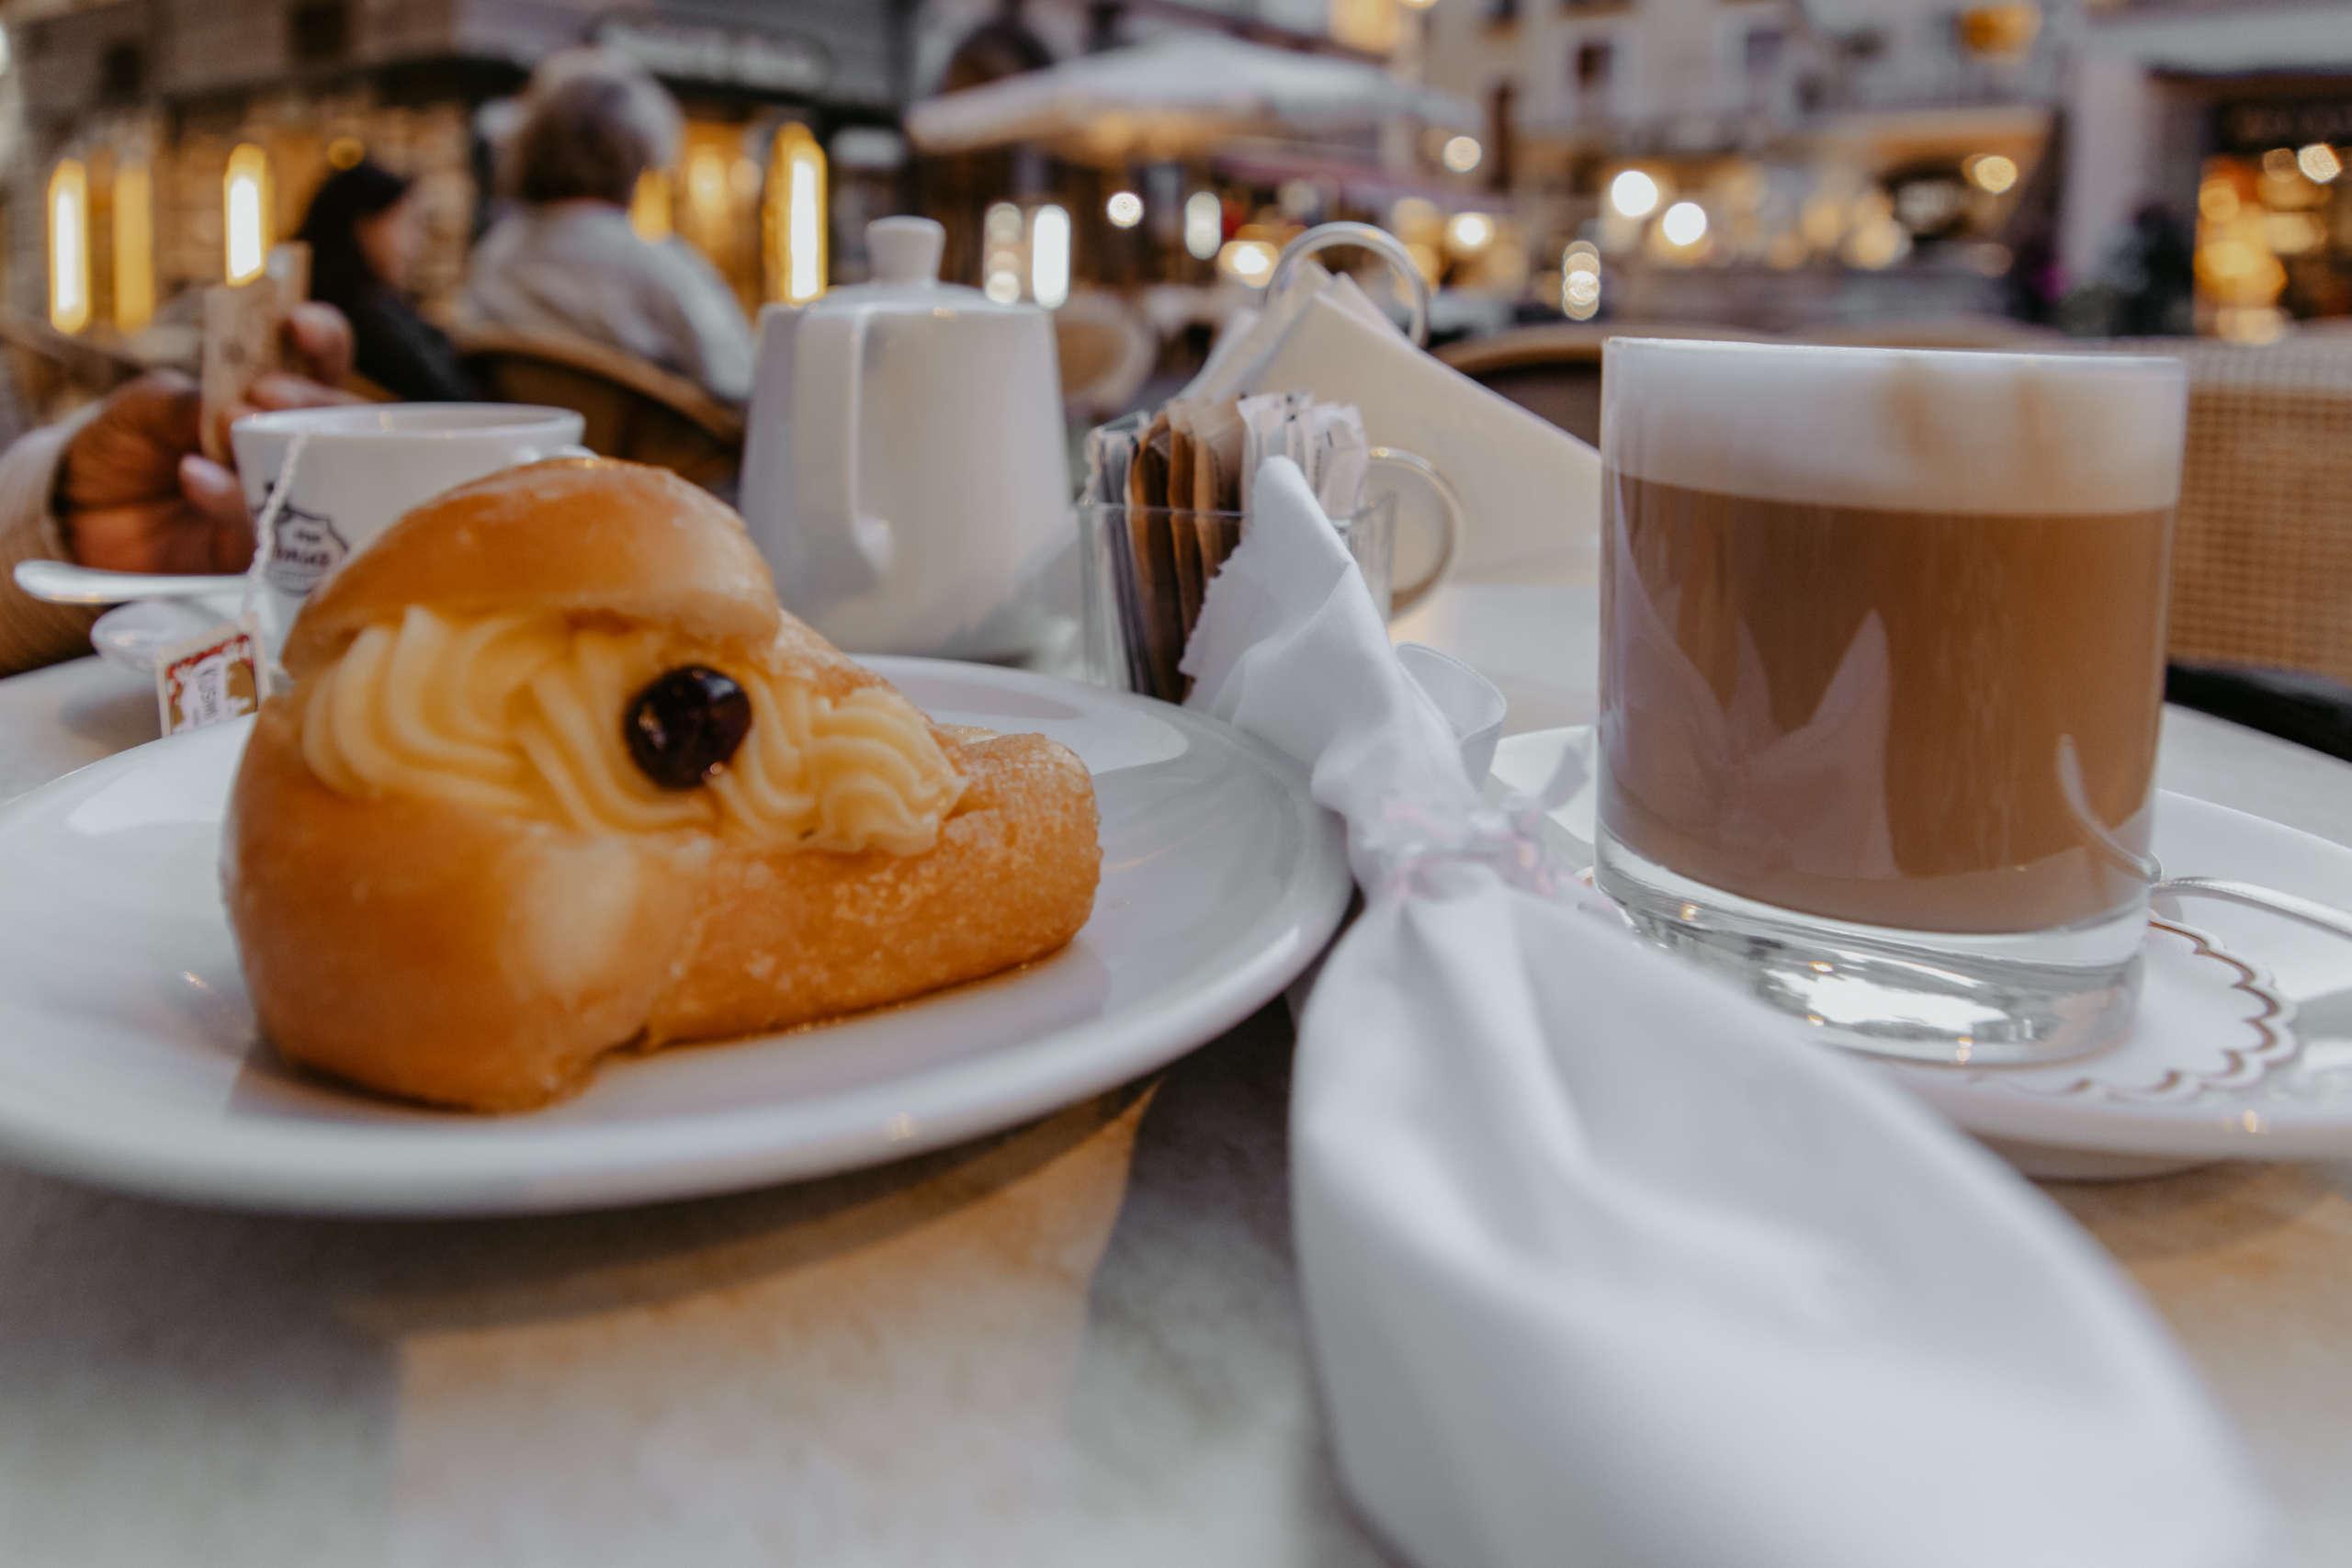 Ein Gebäck auf einem Teller mit einem Kaffee.